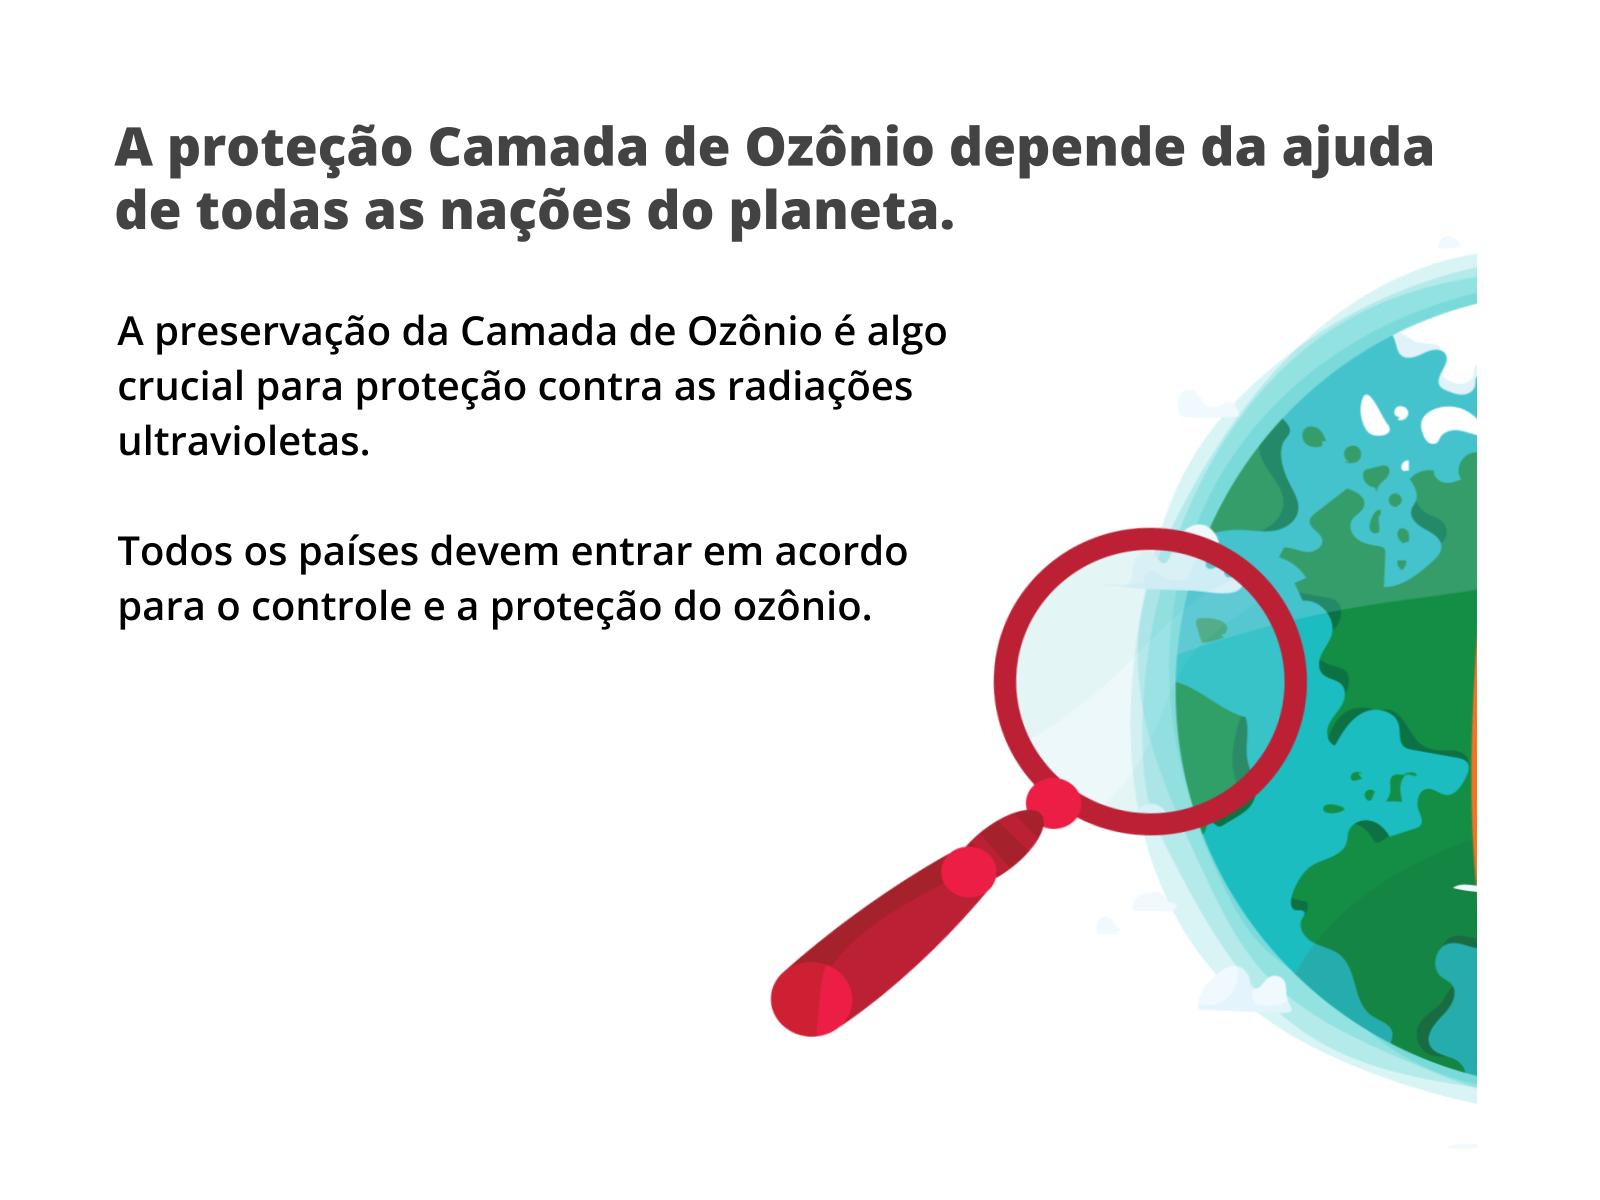 Acordo entre Nações para proteção da Camada de Ozônio